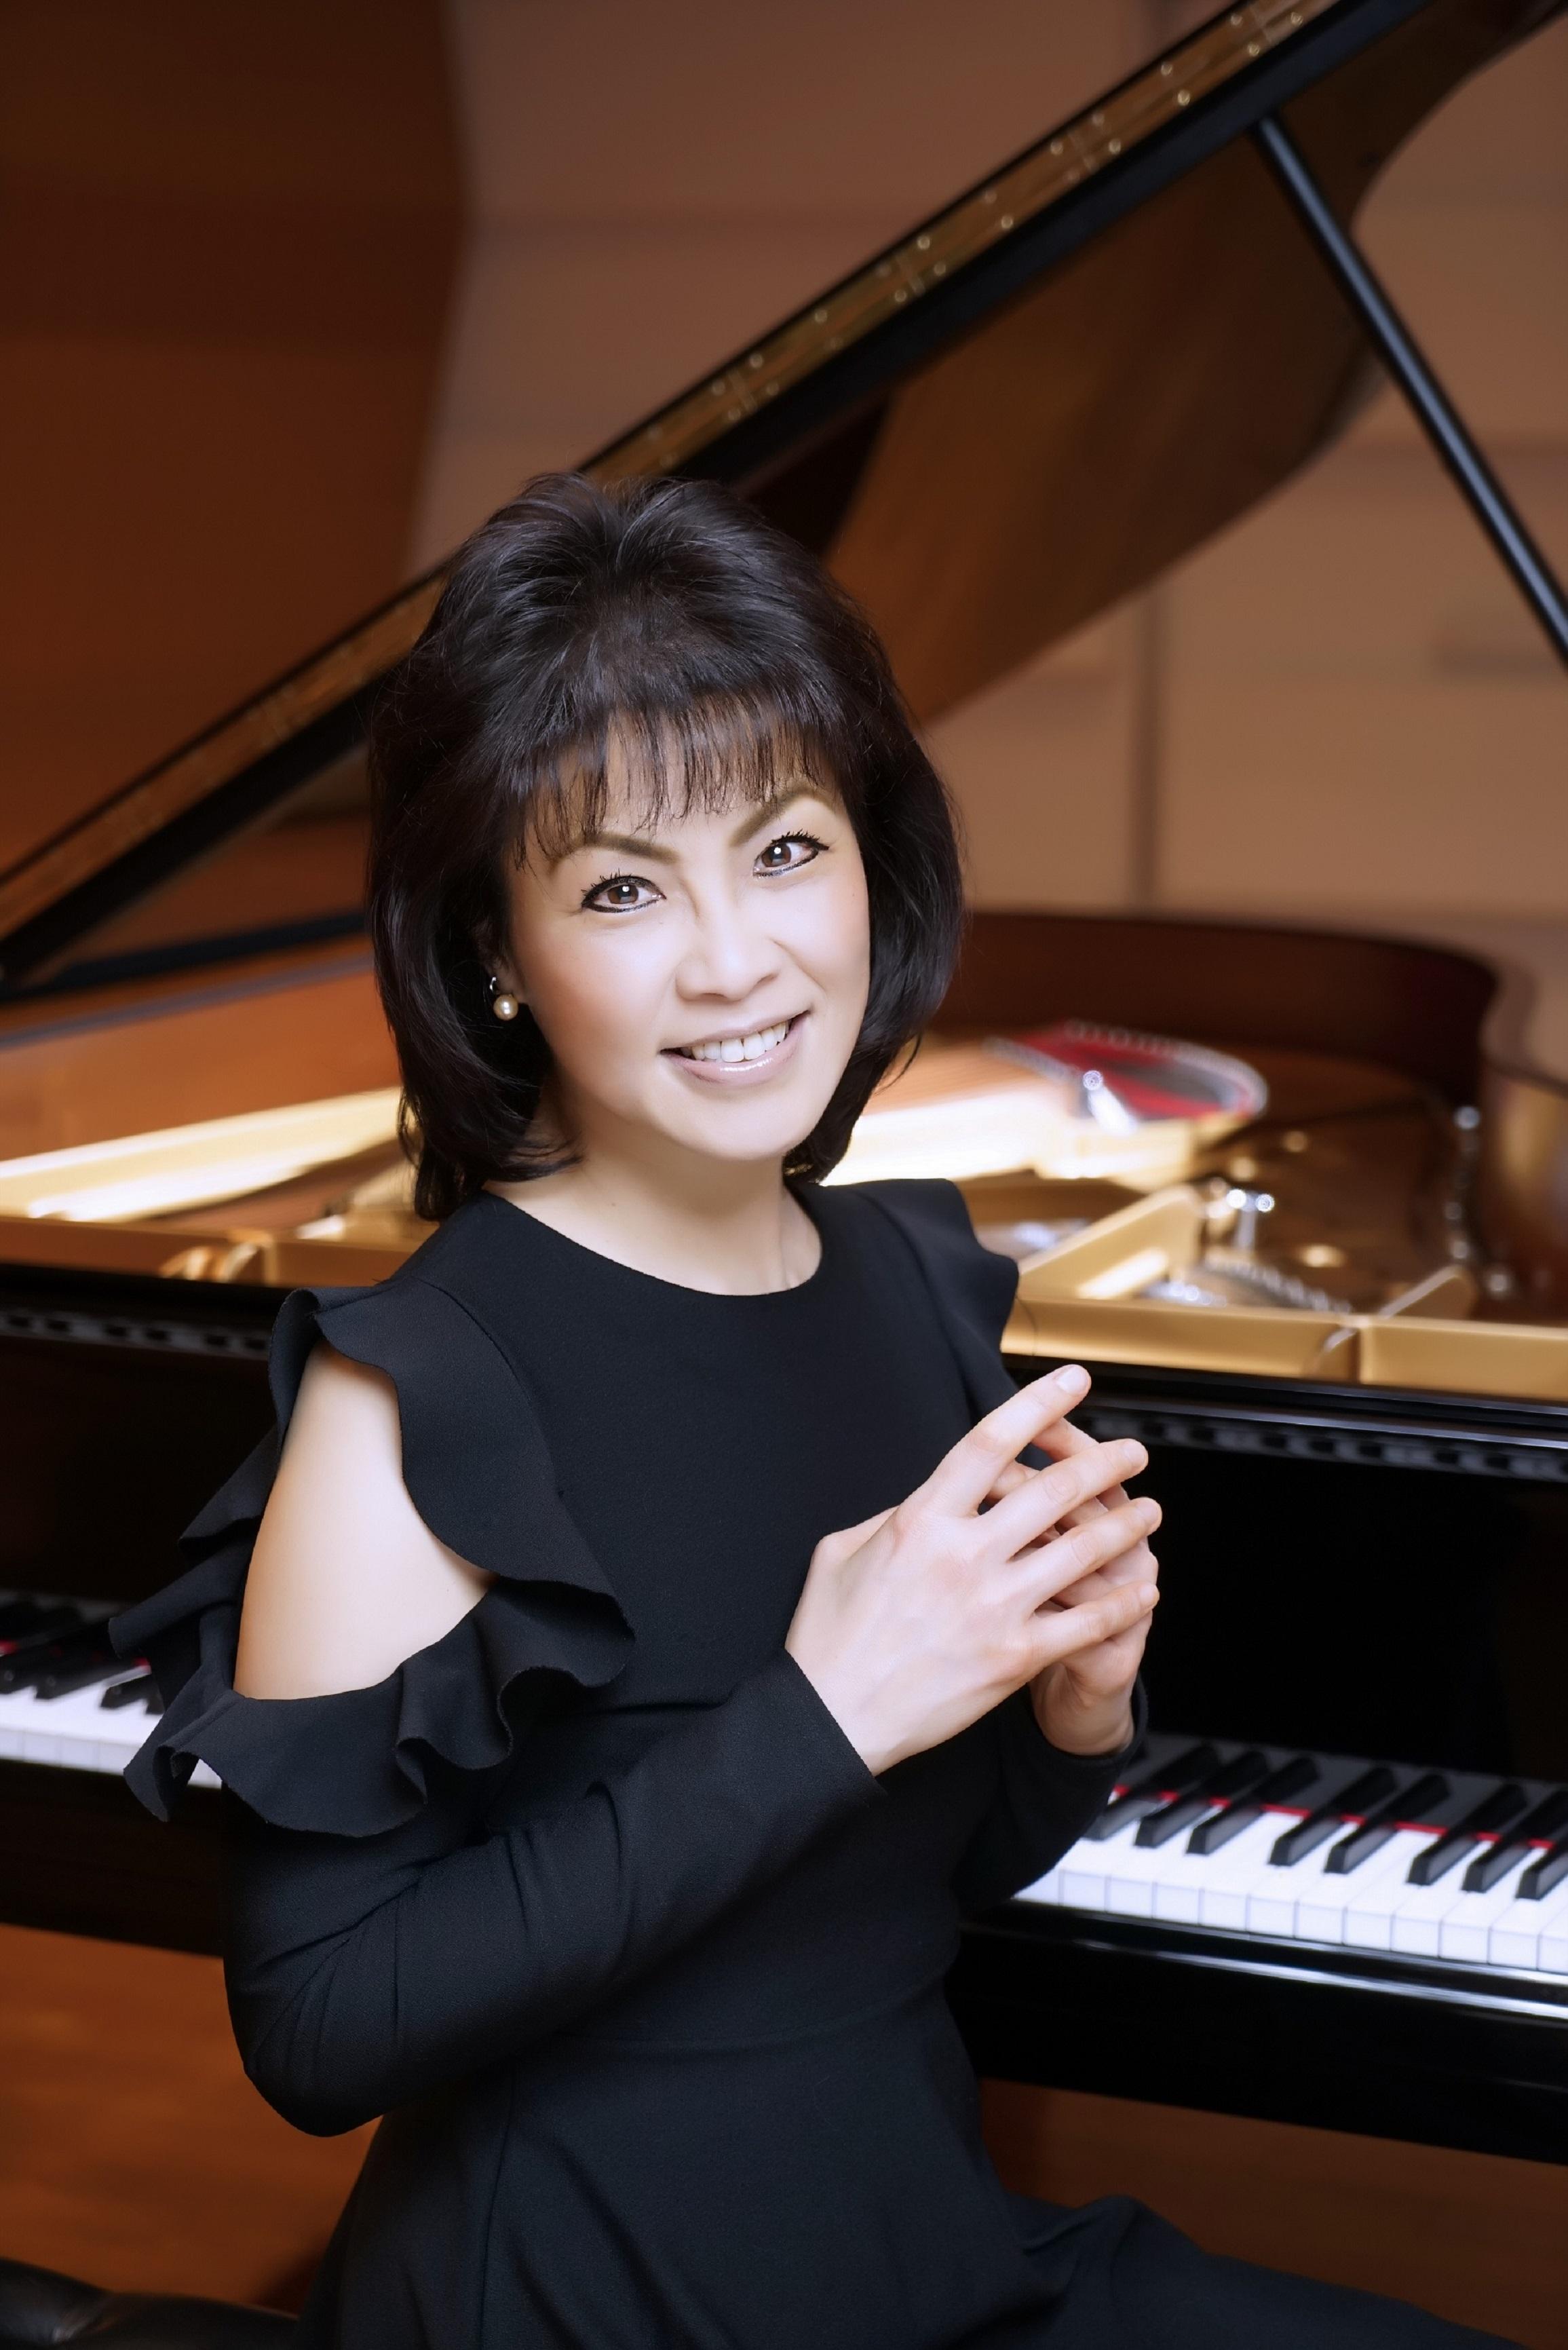 カワイコンサート2021 小川典子 ピアノリサイタル